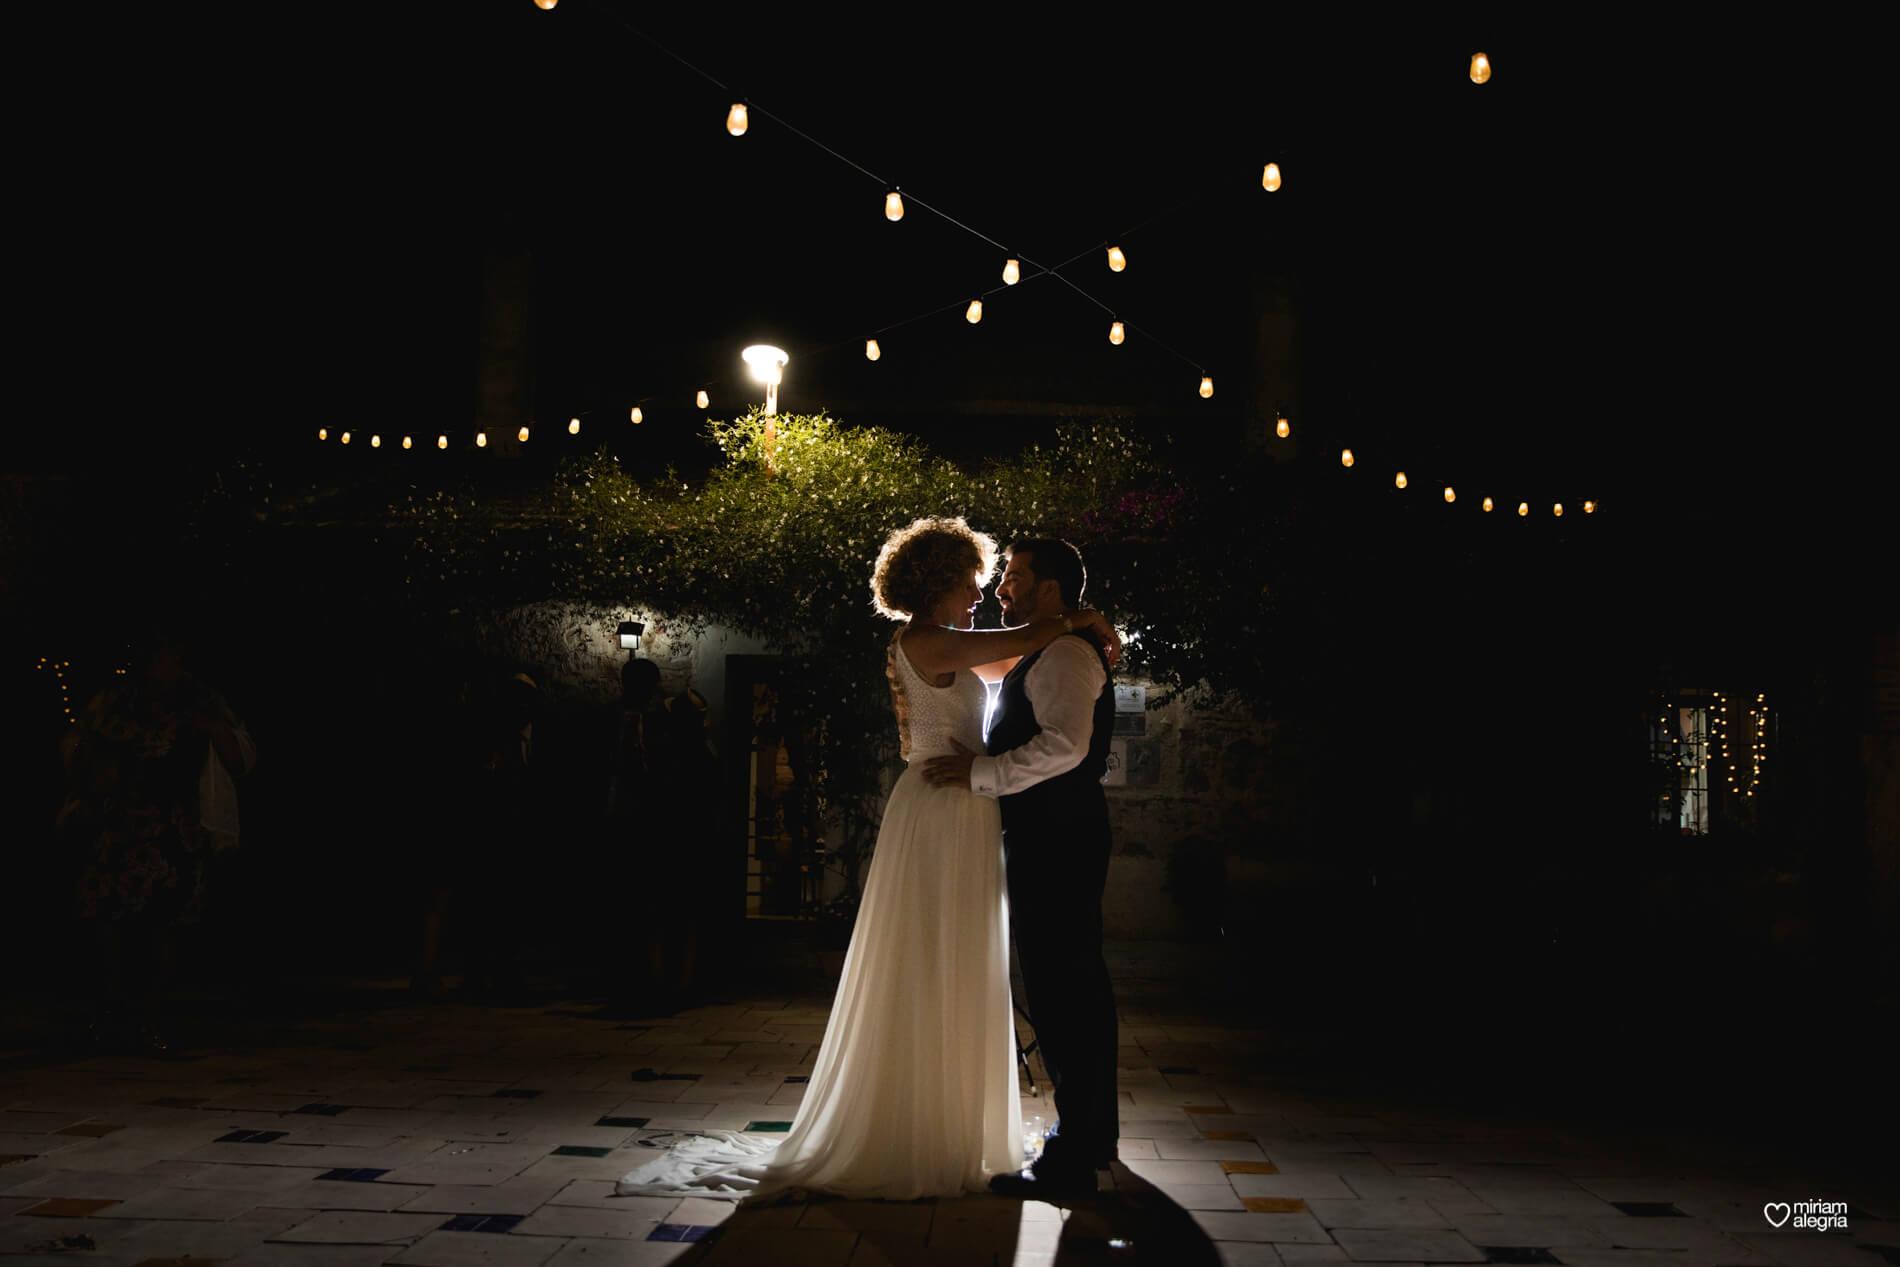 boda-en-finca-la-carrasca-miriam-alegria-147